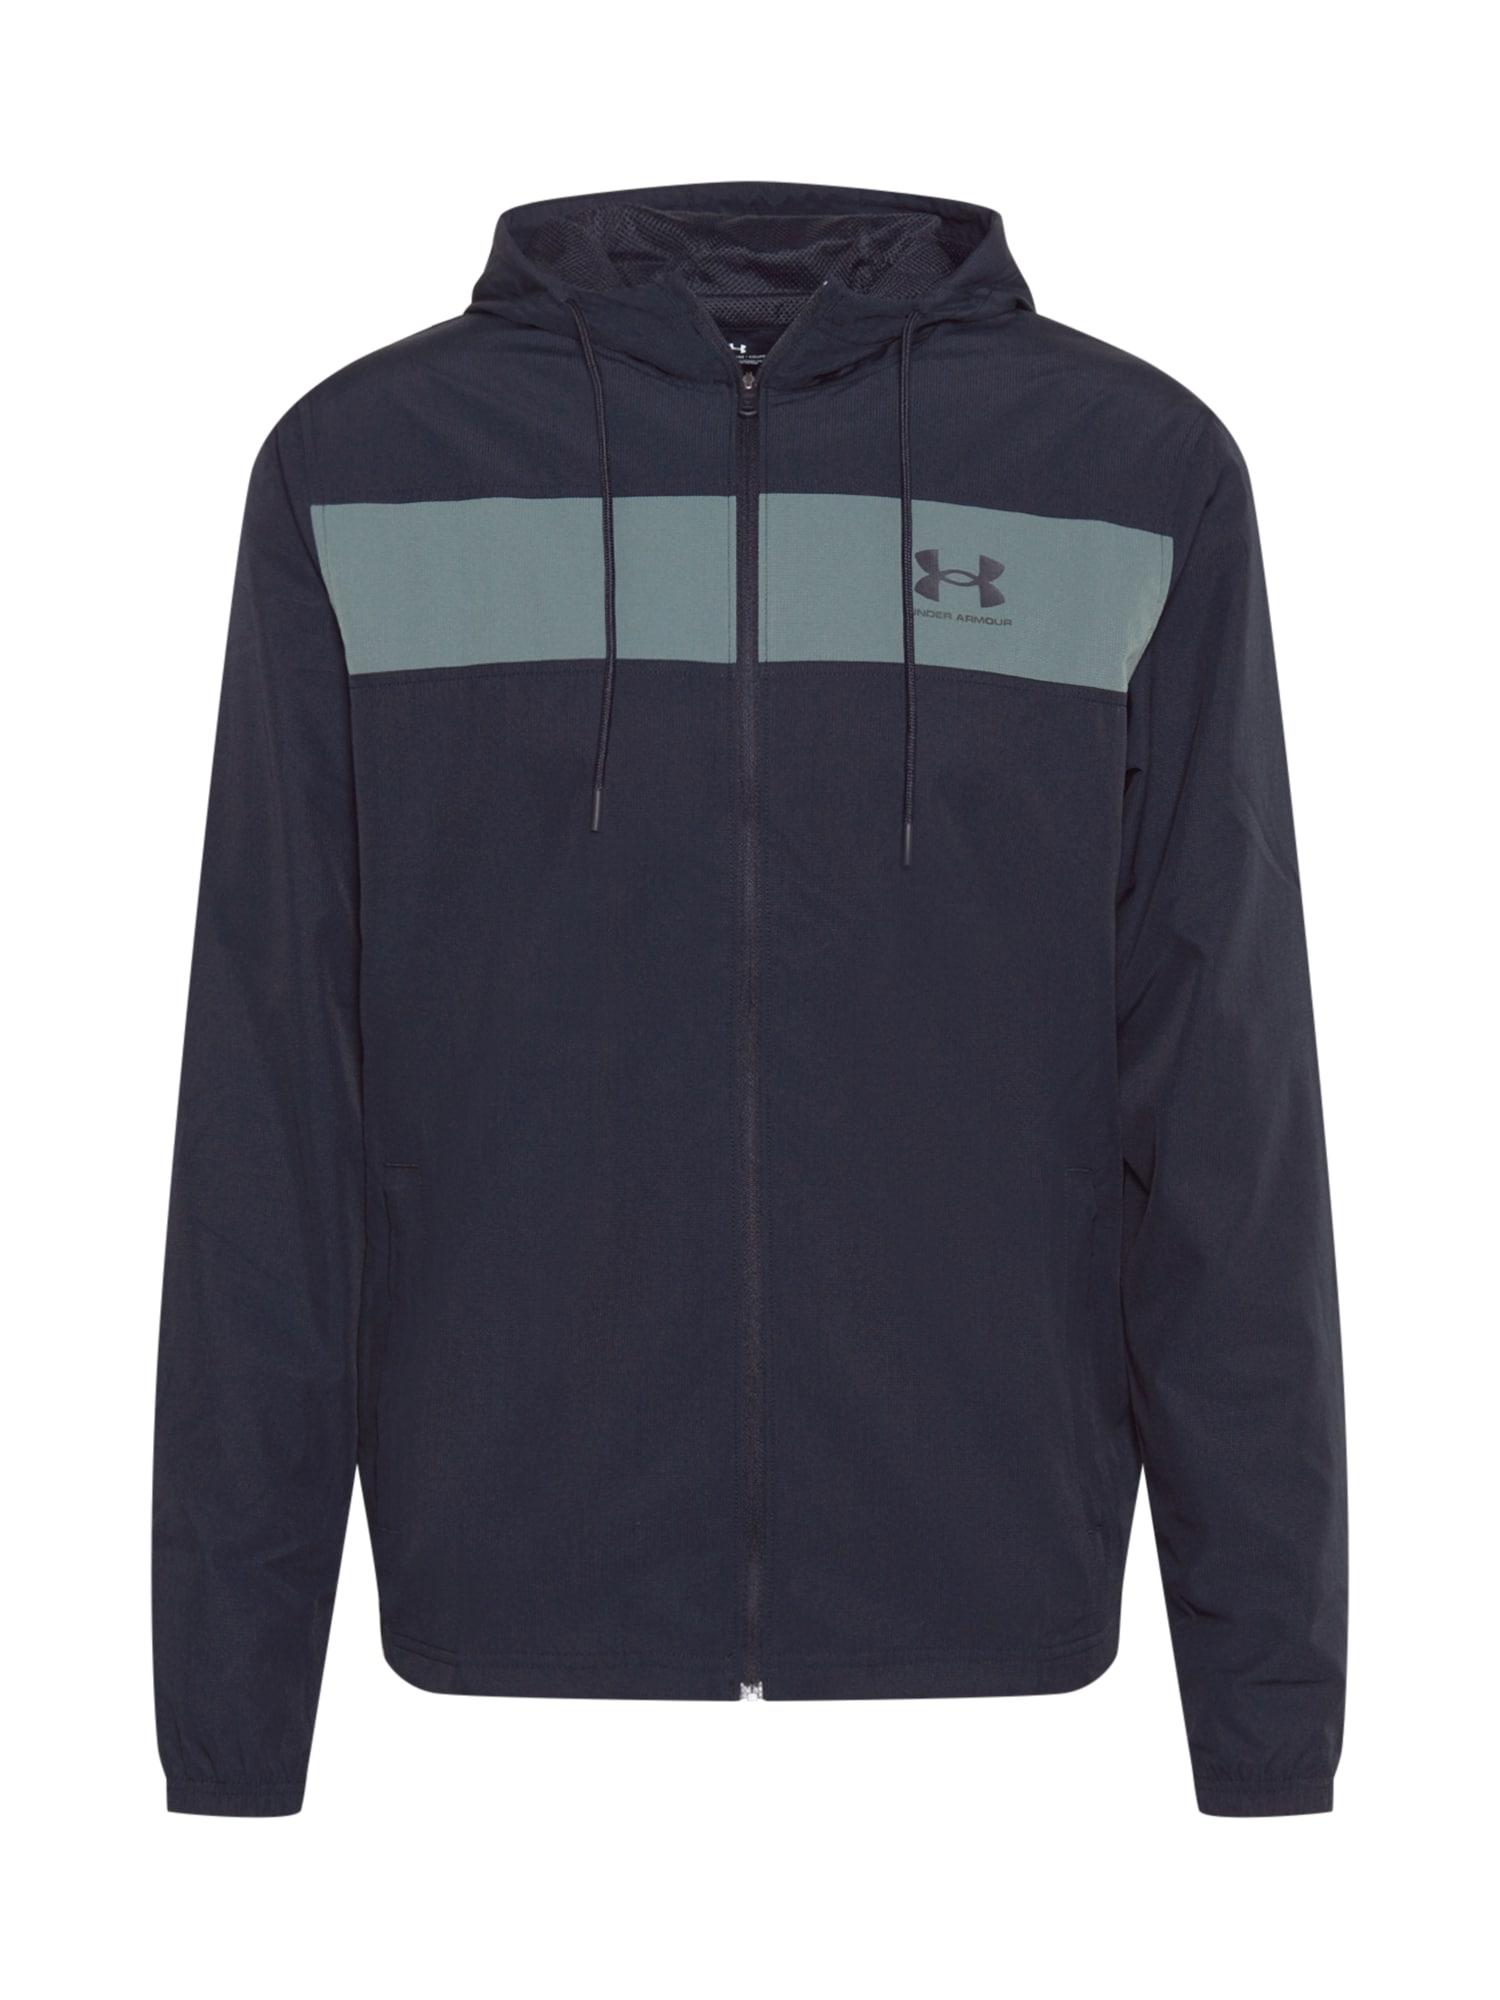 UNDER ARMOUR Džemperis treniruotėms juoda / pilka